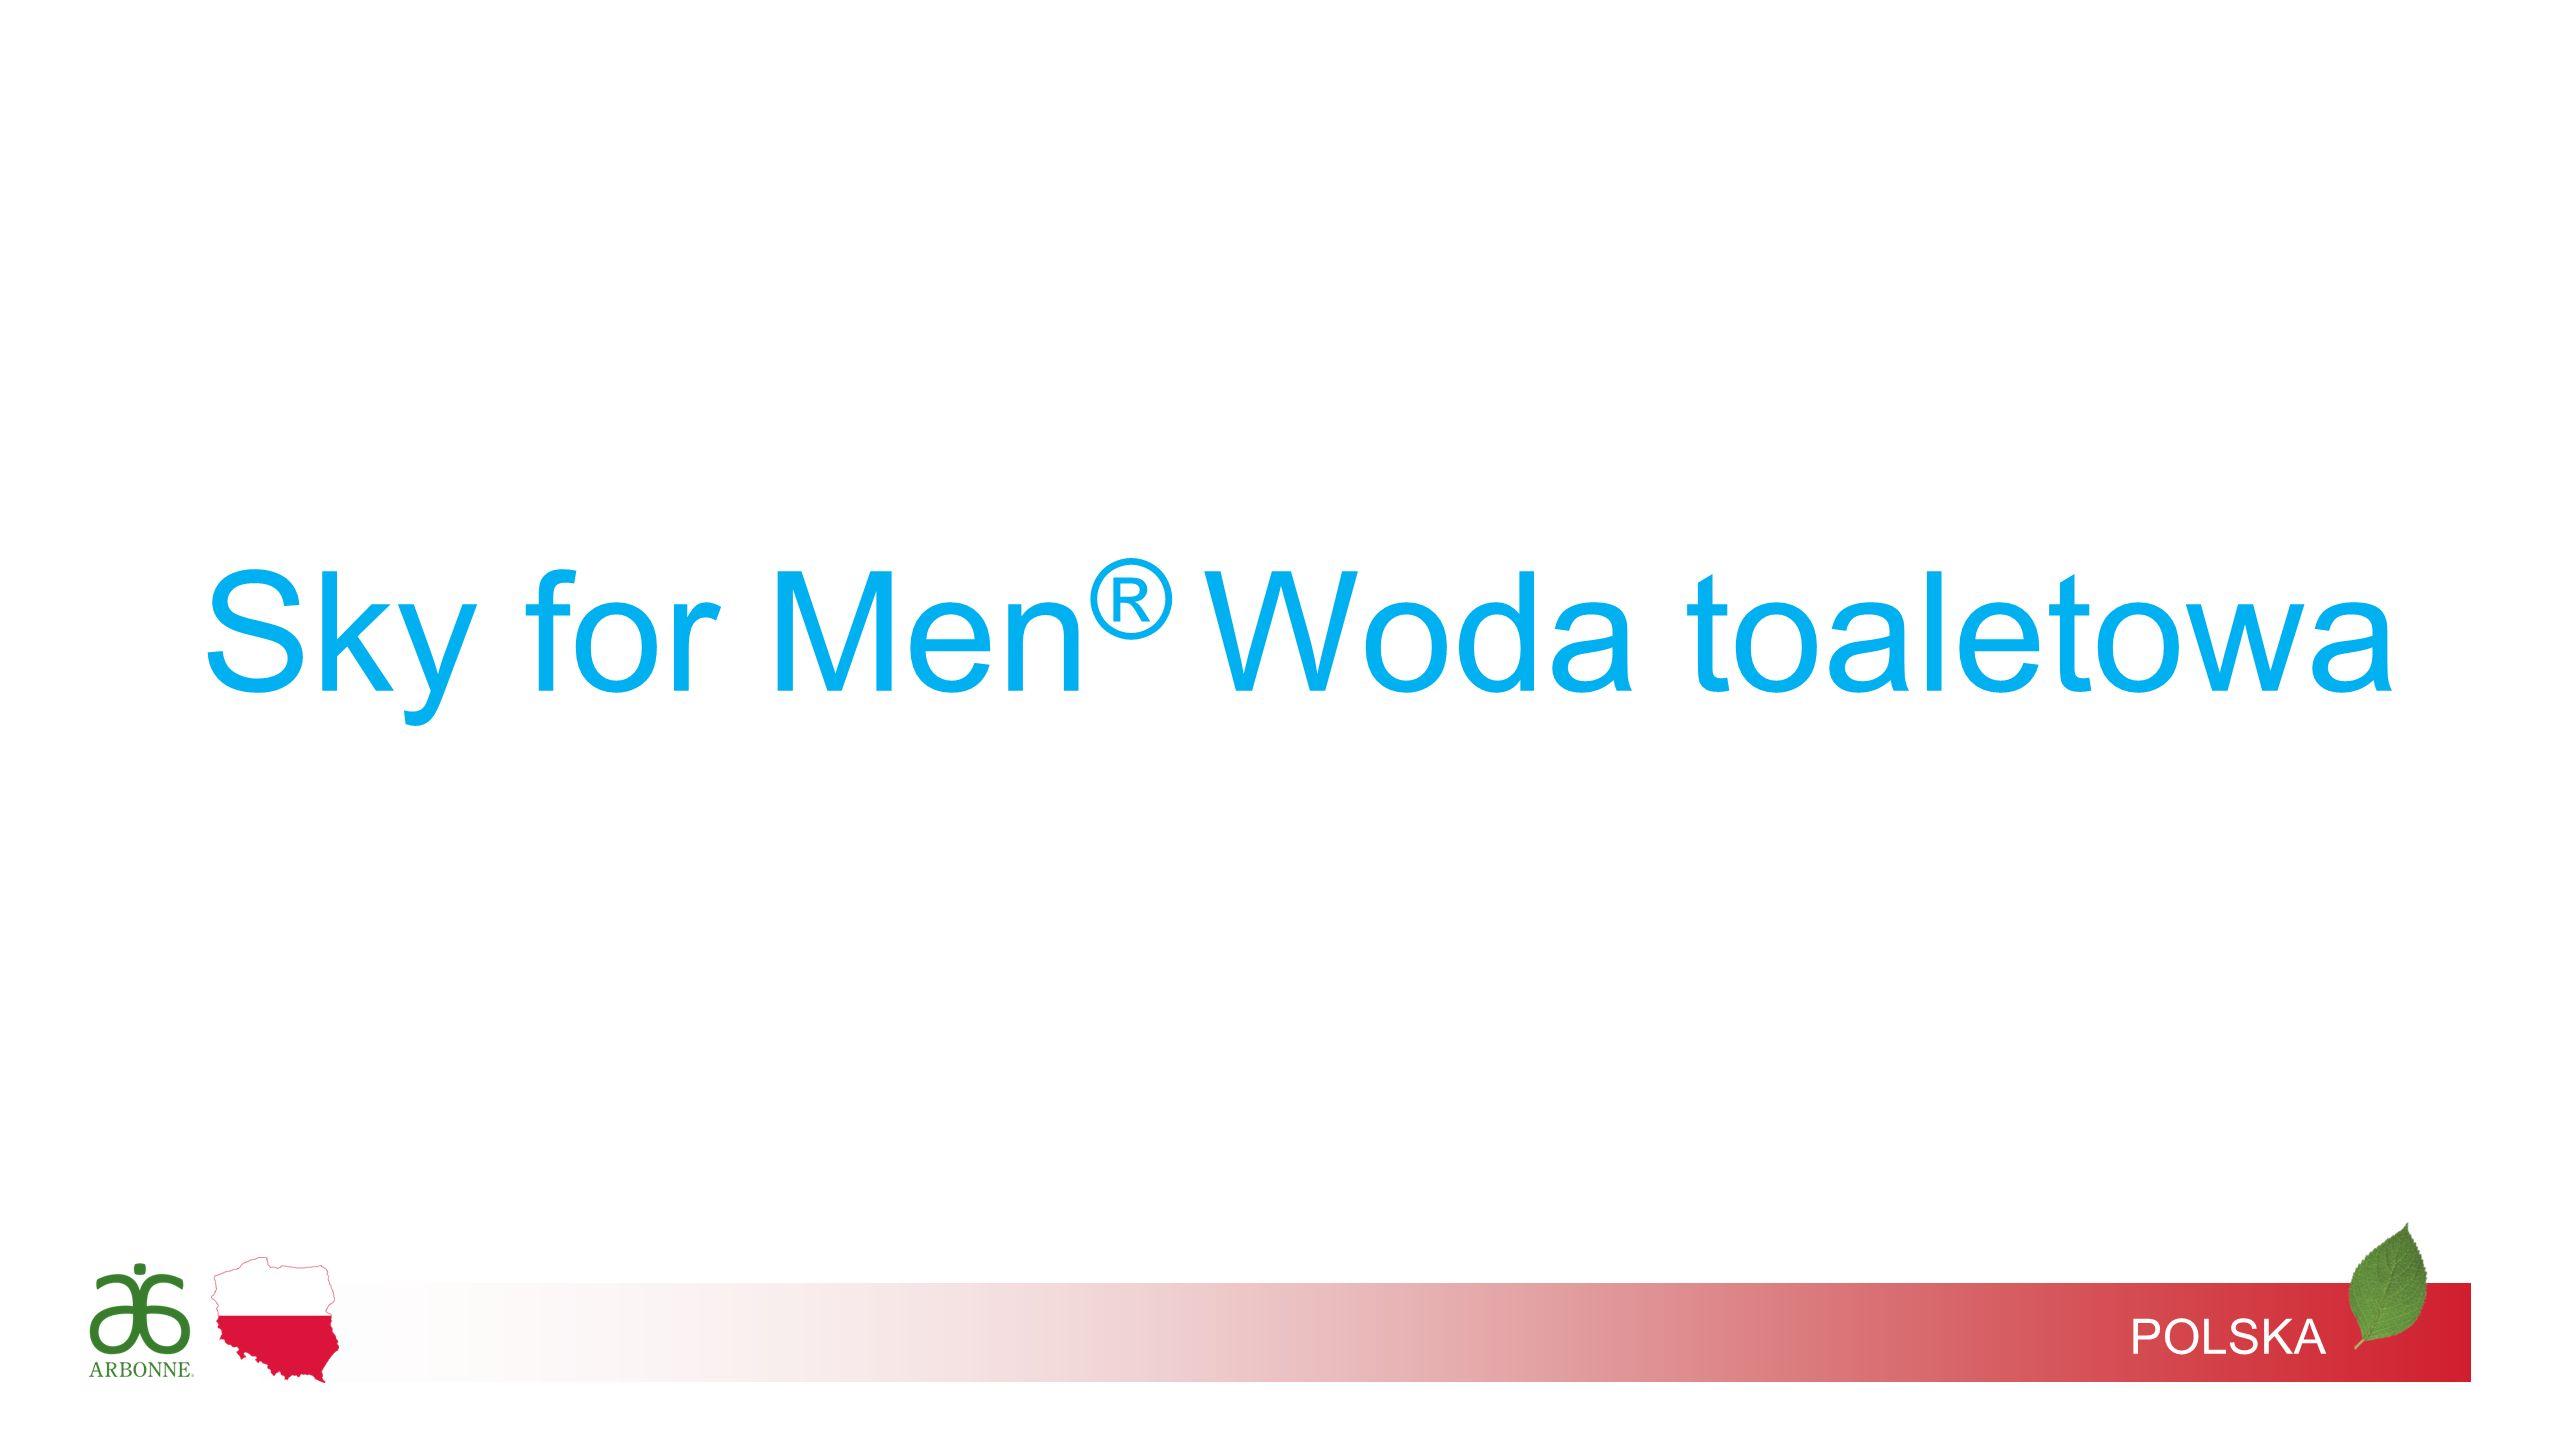 POLSKA Sky for Men ® Woda toaletowa